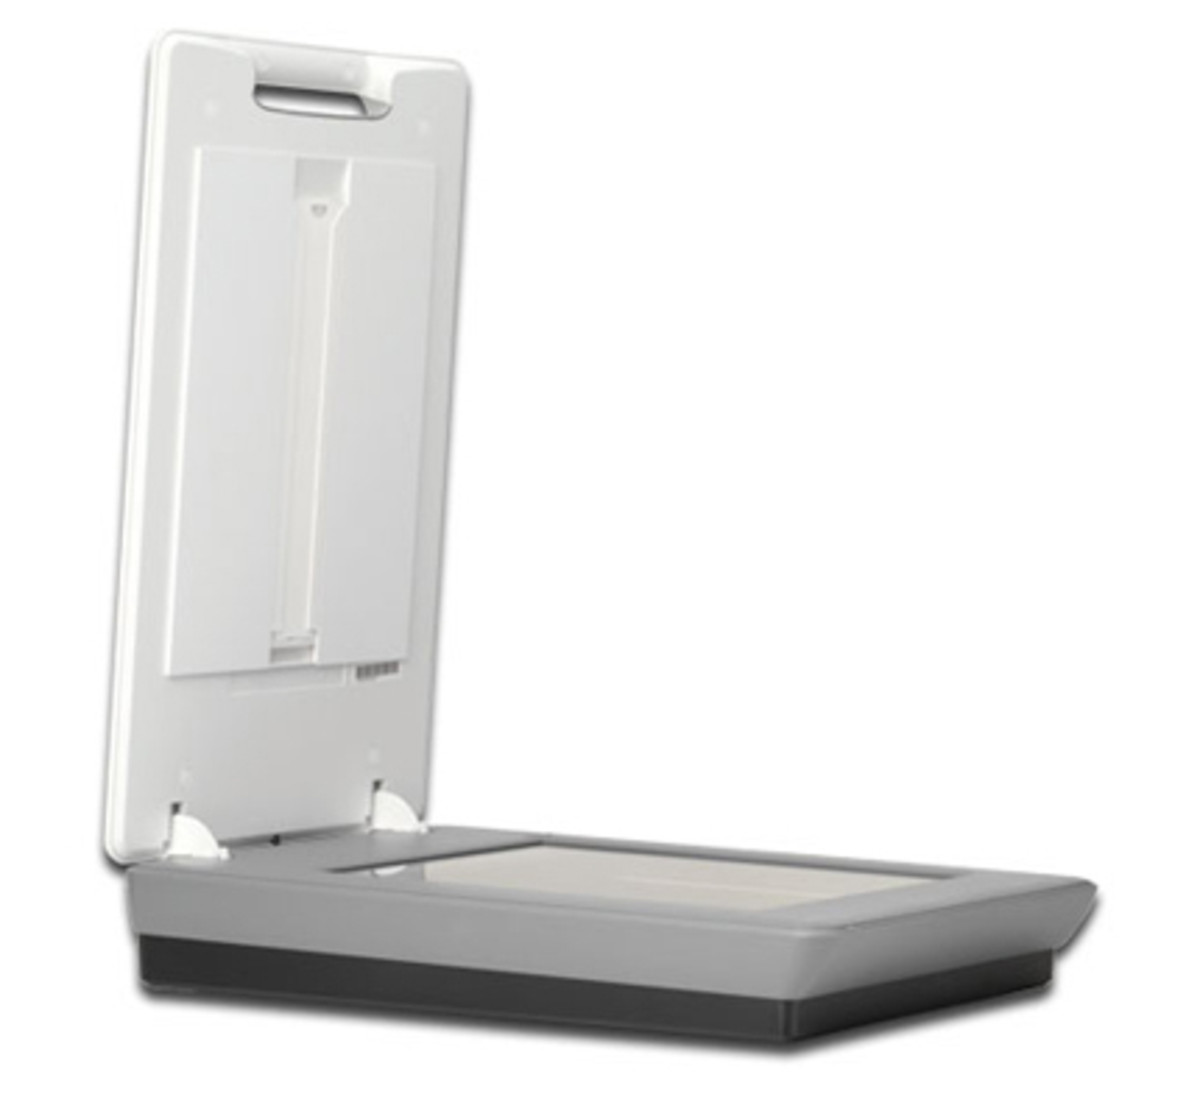 HP Scanjet G4010 Flatbed Photo Scanner